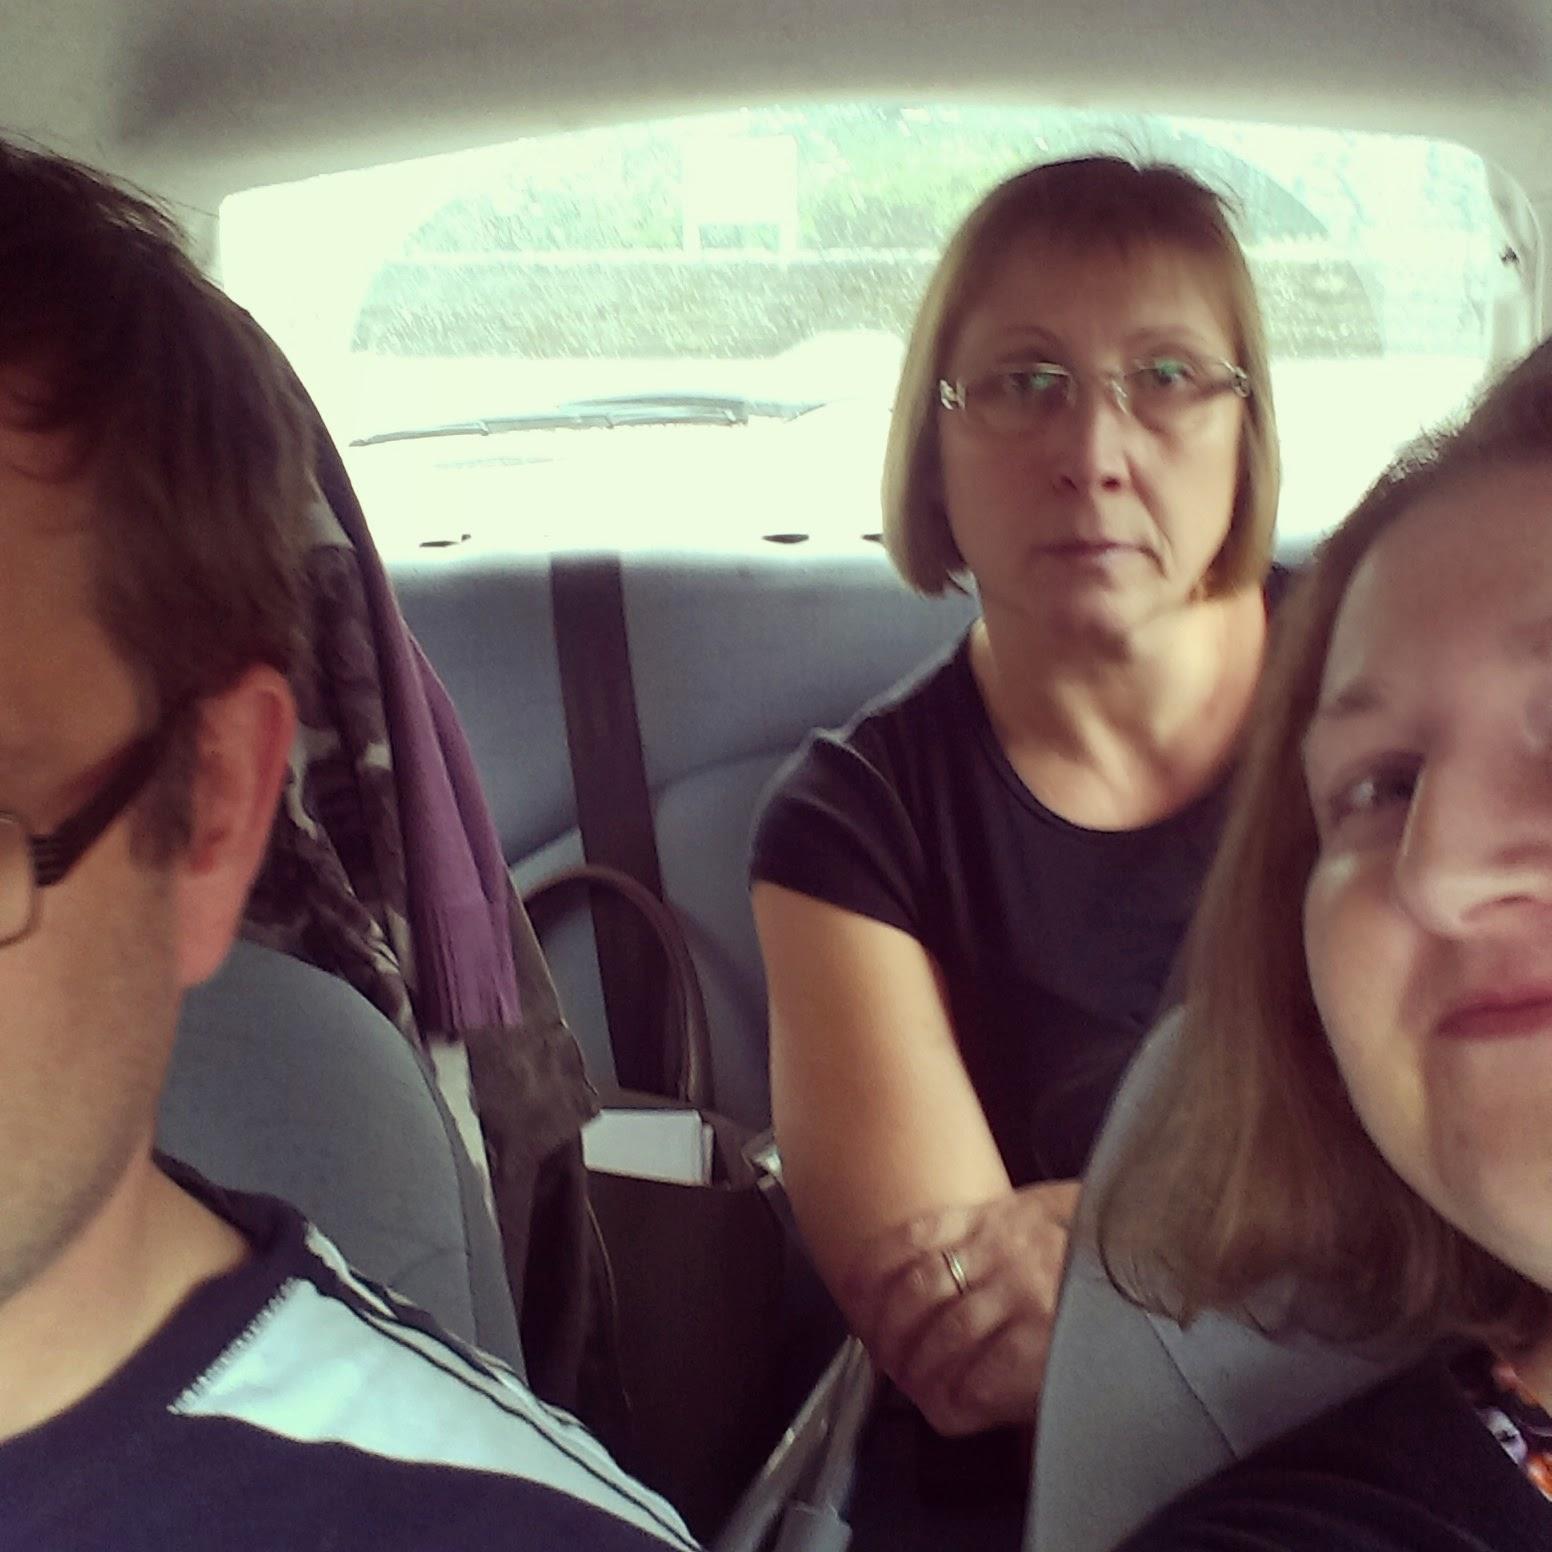 Road trip selfie